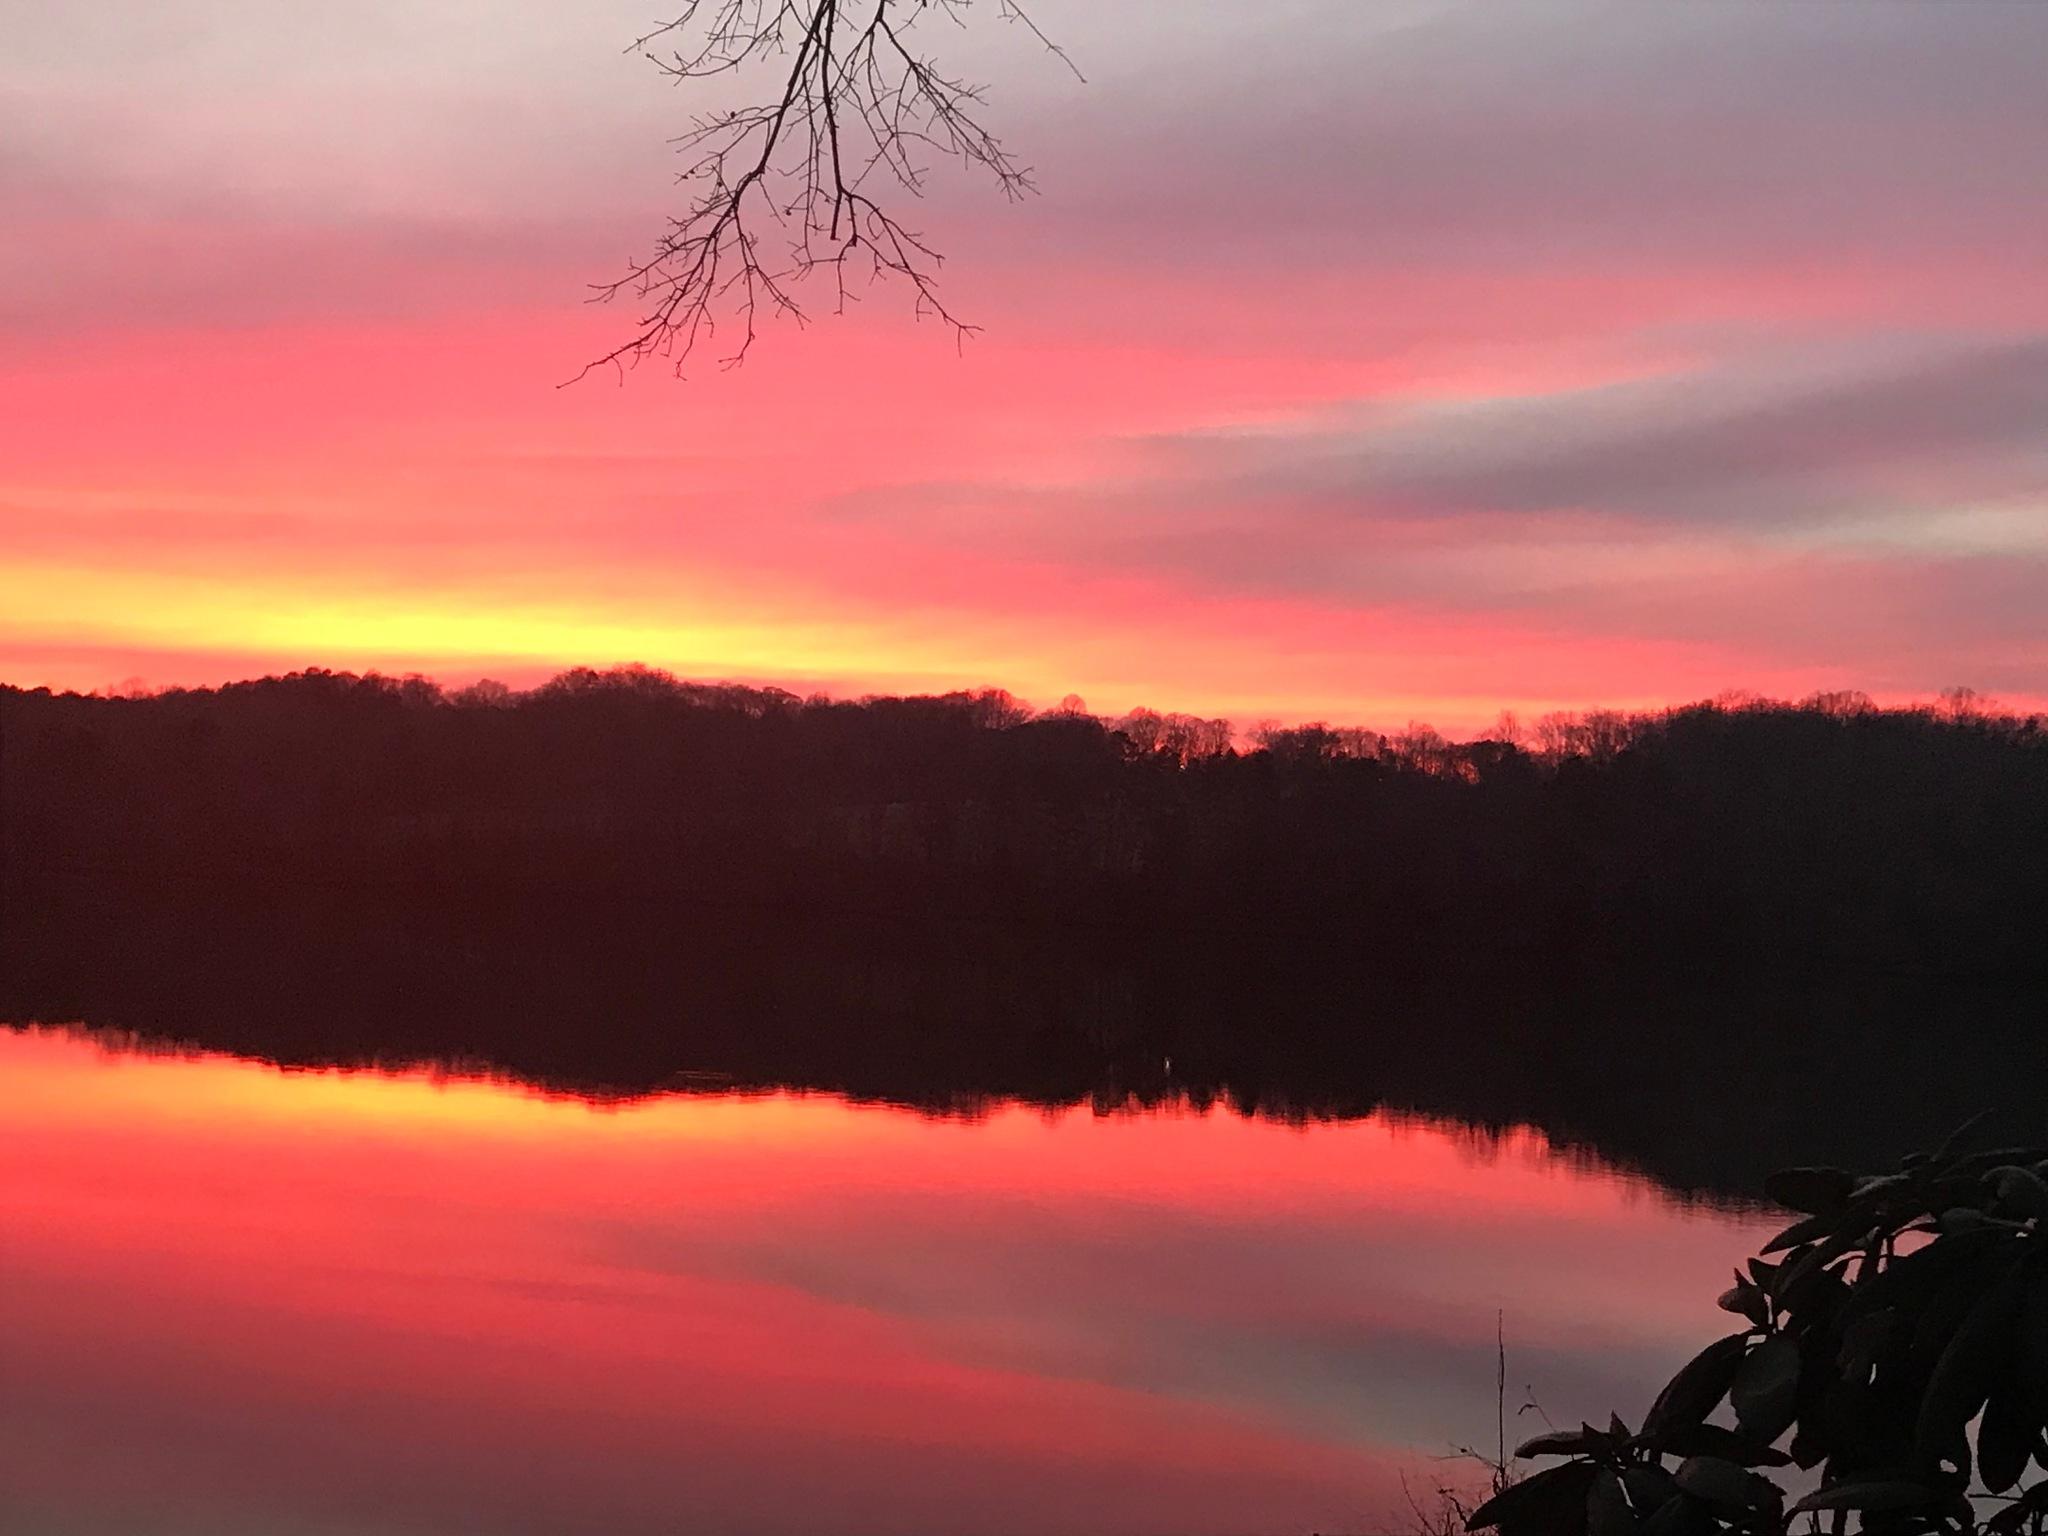 Sunset on Saluda Lake - 3 by Ricardo Jardin